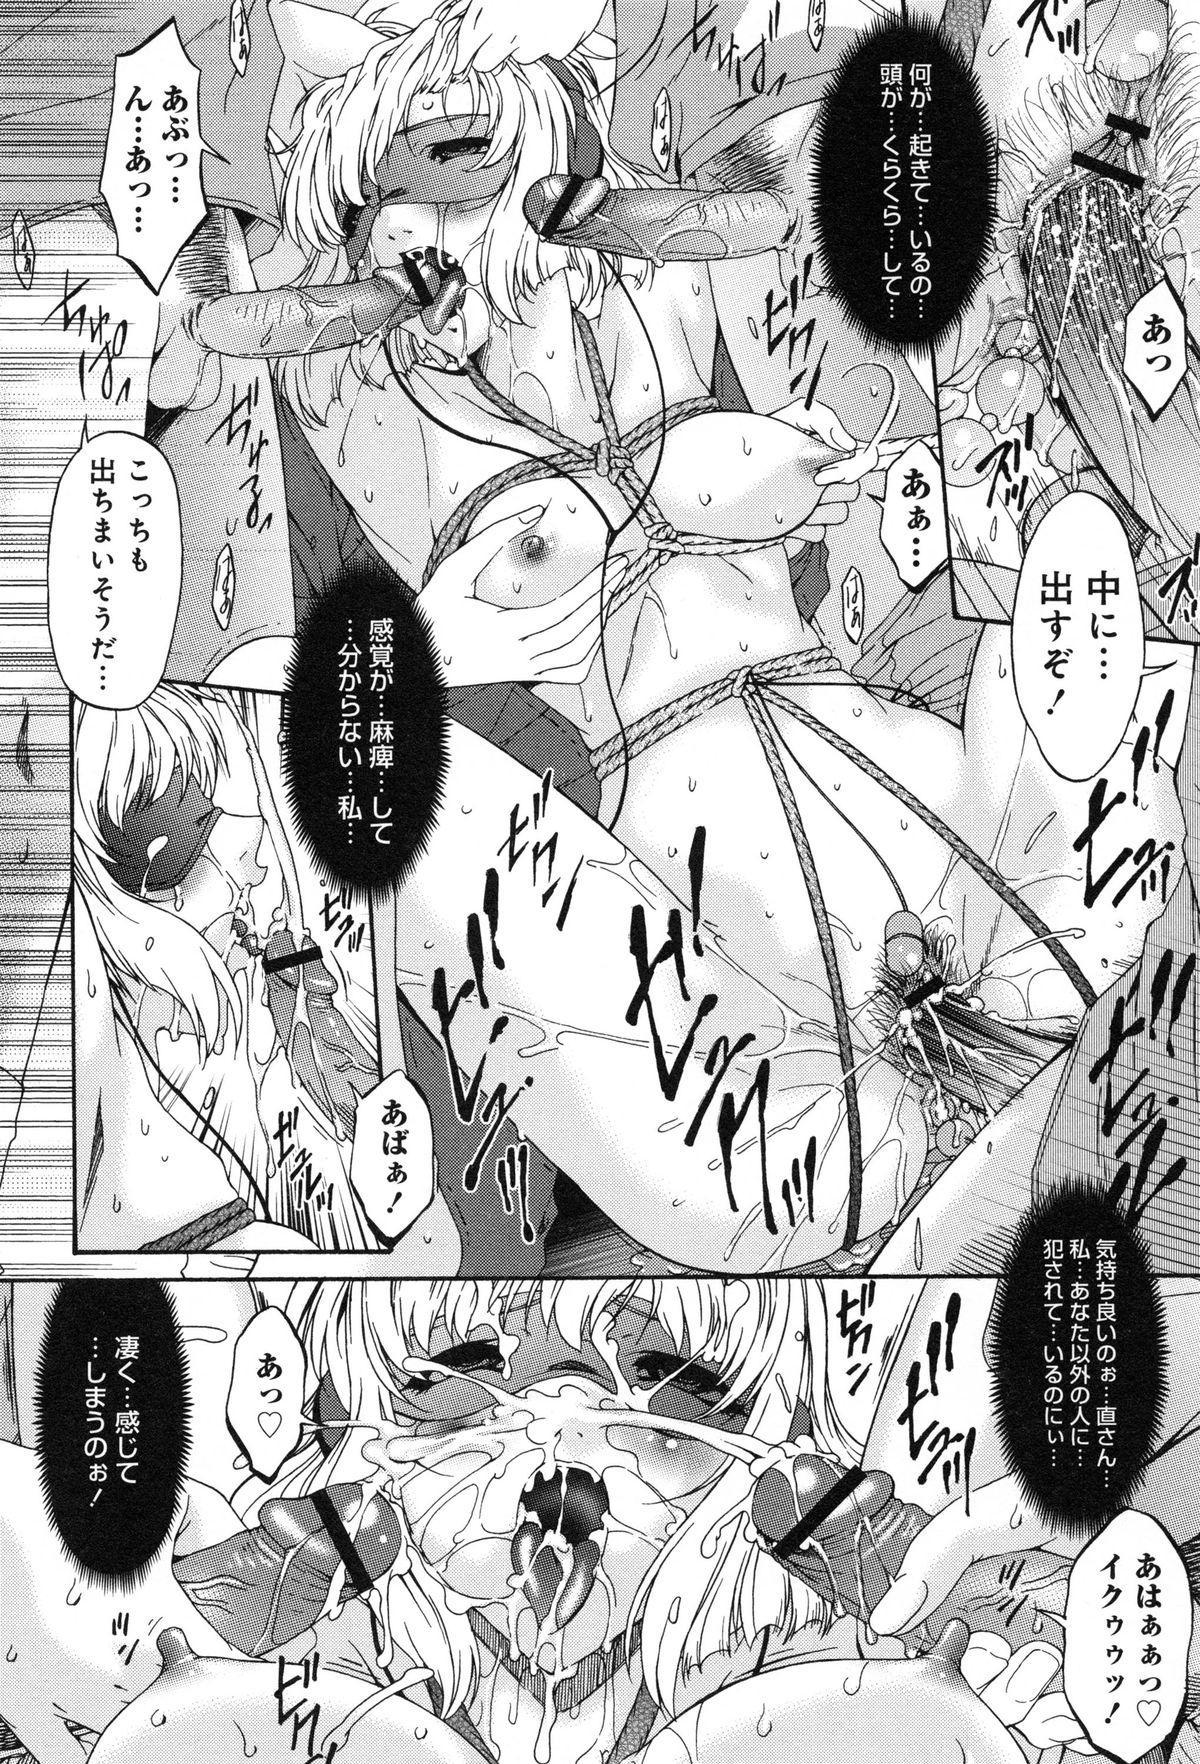 Shinshoku no Toki 92